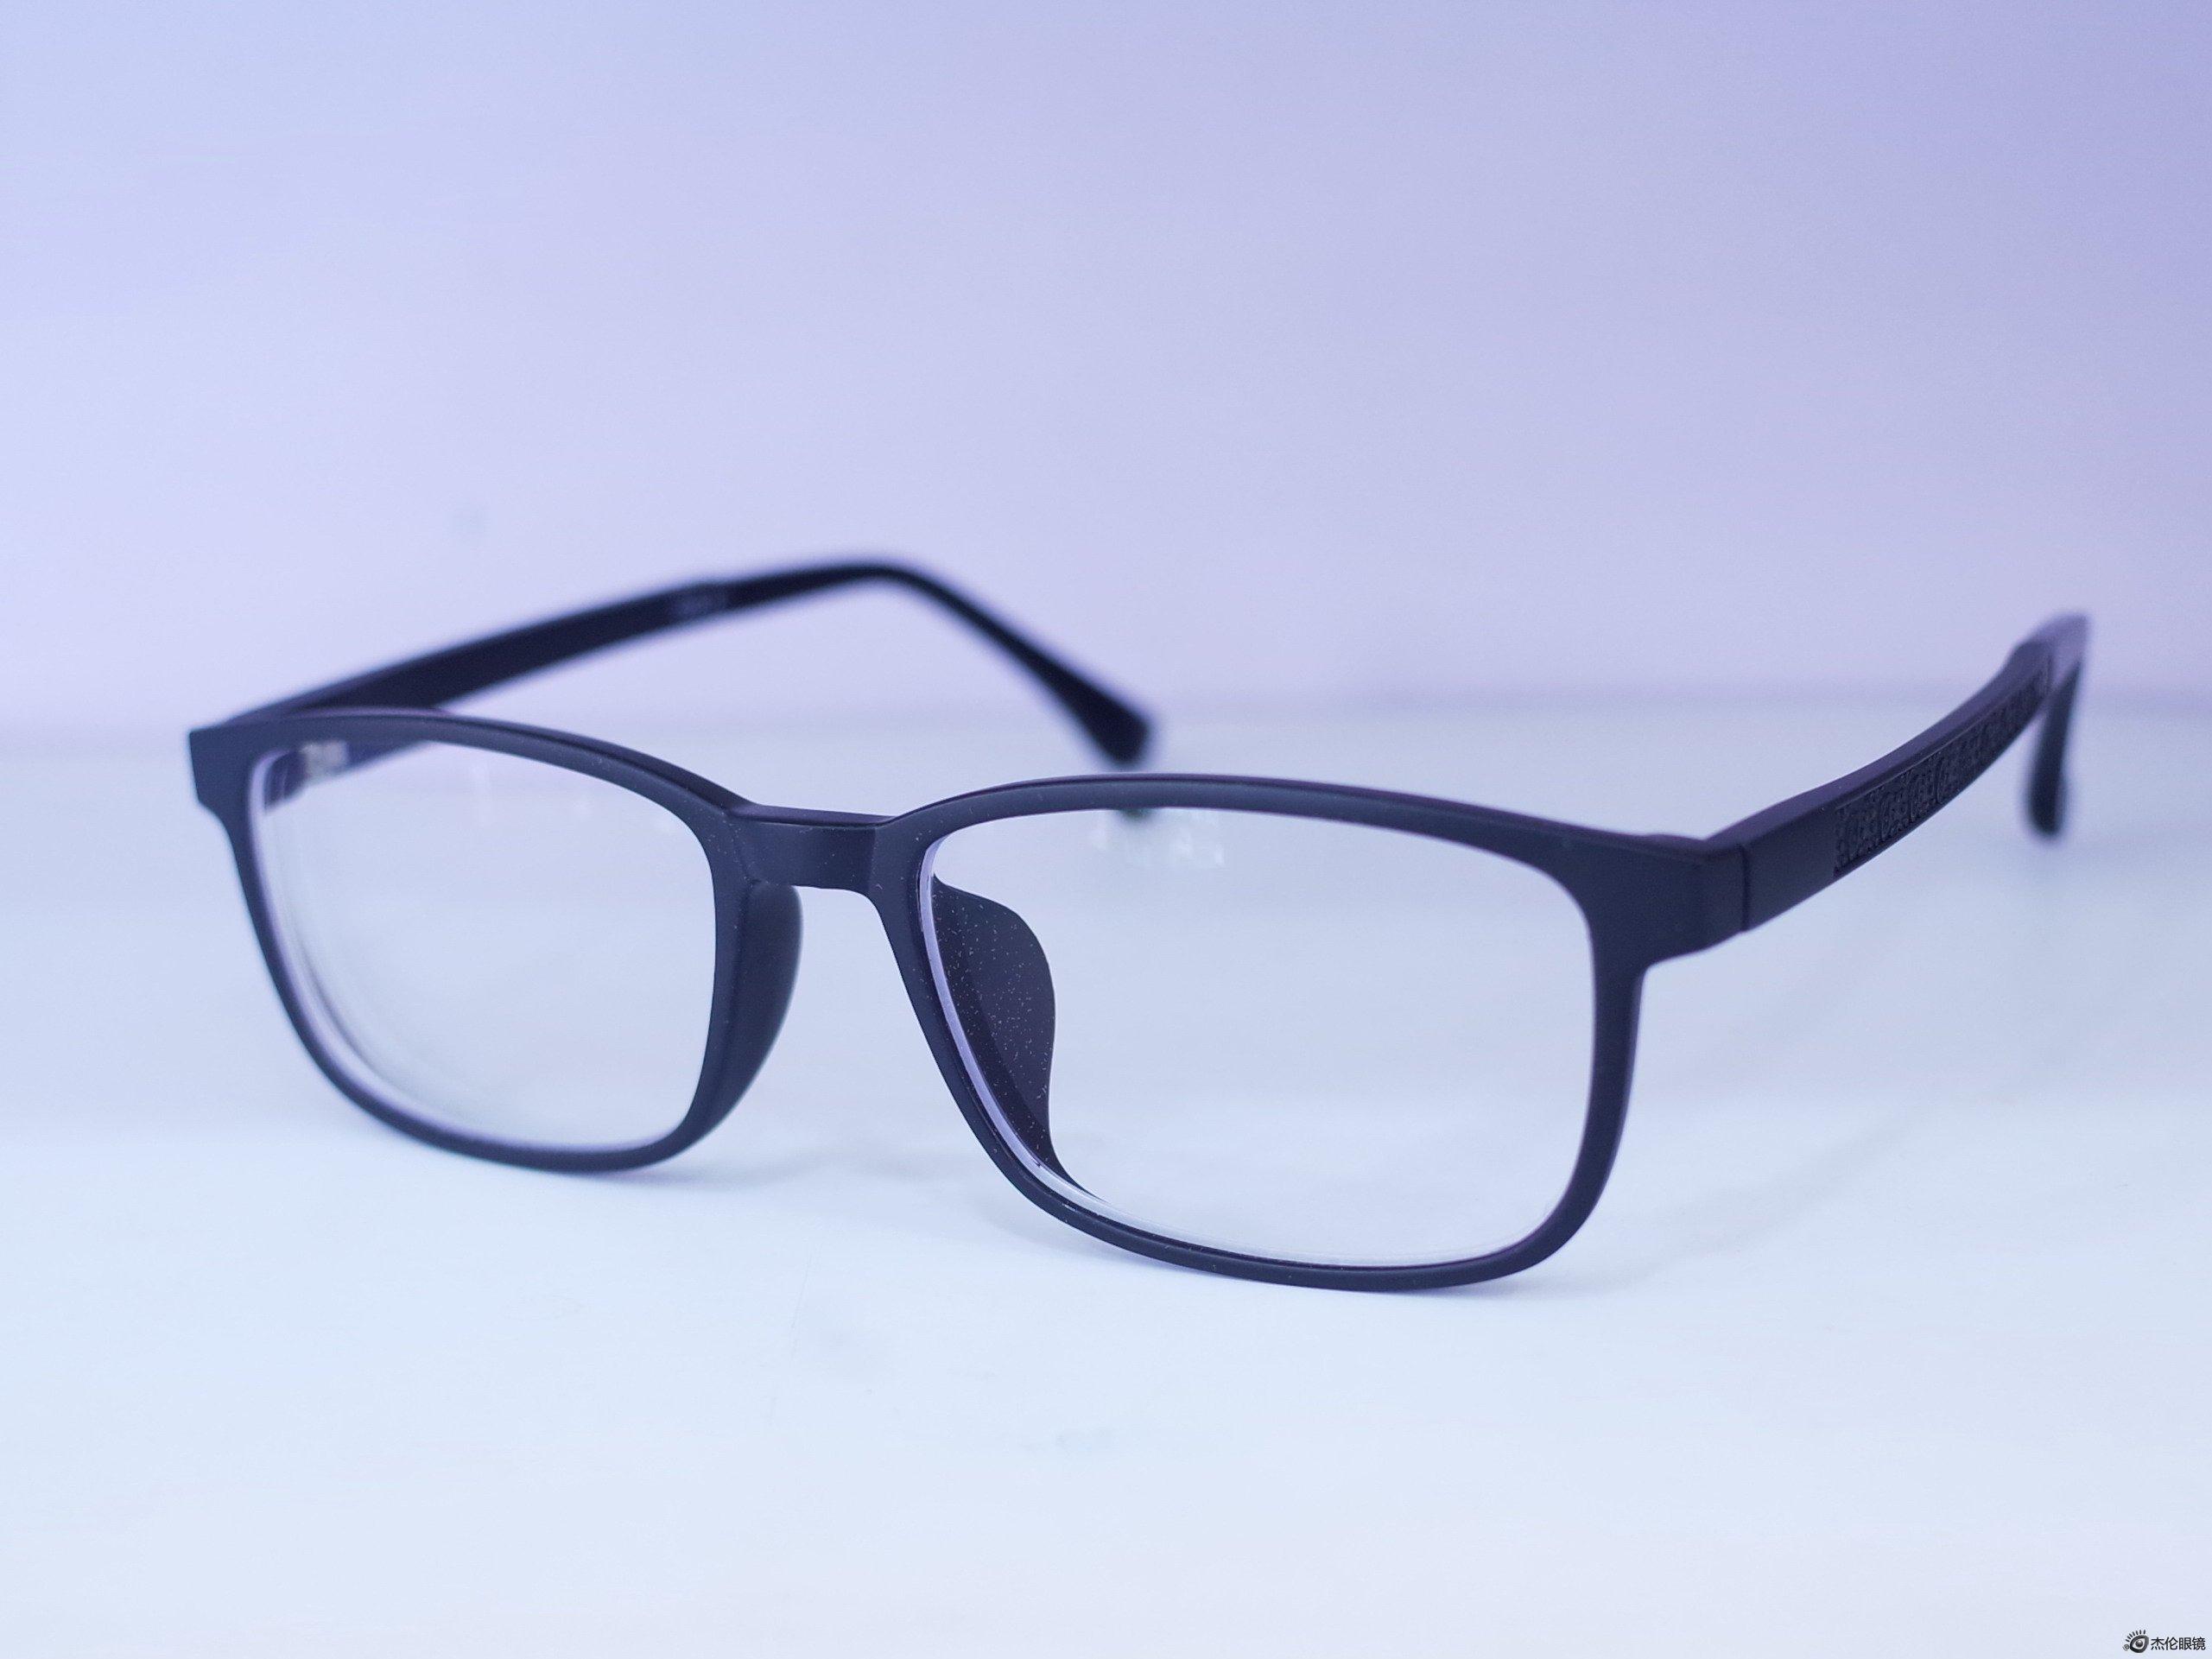 依视路标志_TR90眼镜框配依视路1.56钻晶A3 200度左右的眼镜展示-杭州南京杰伦 ...